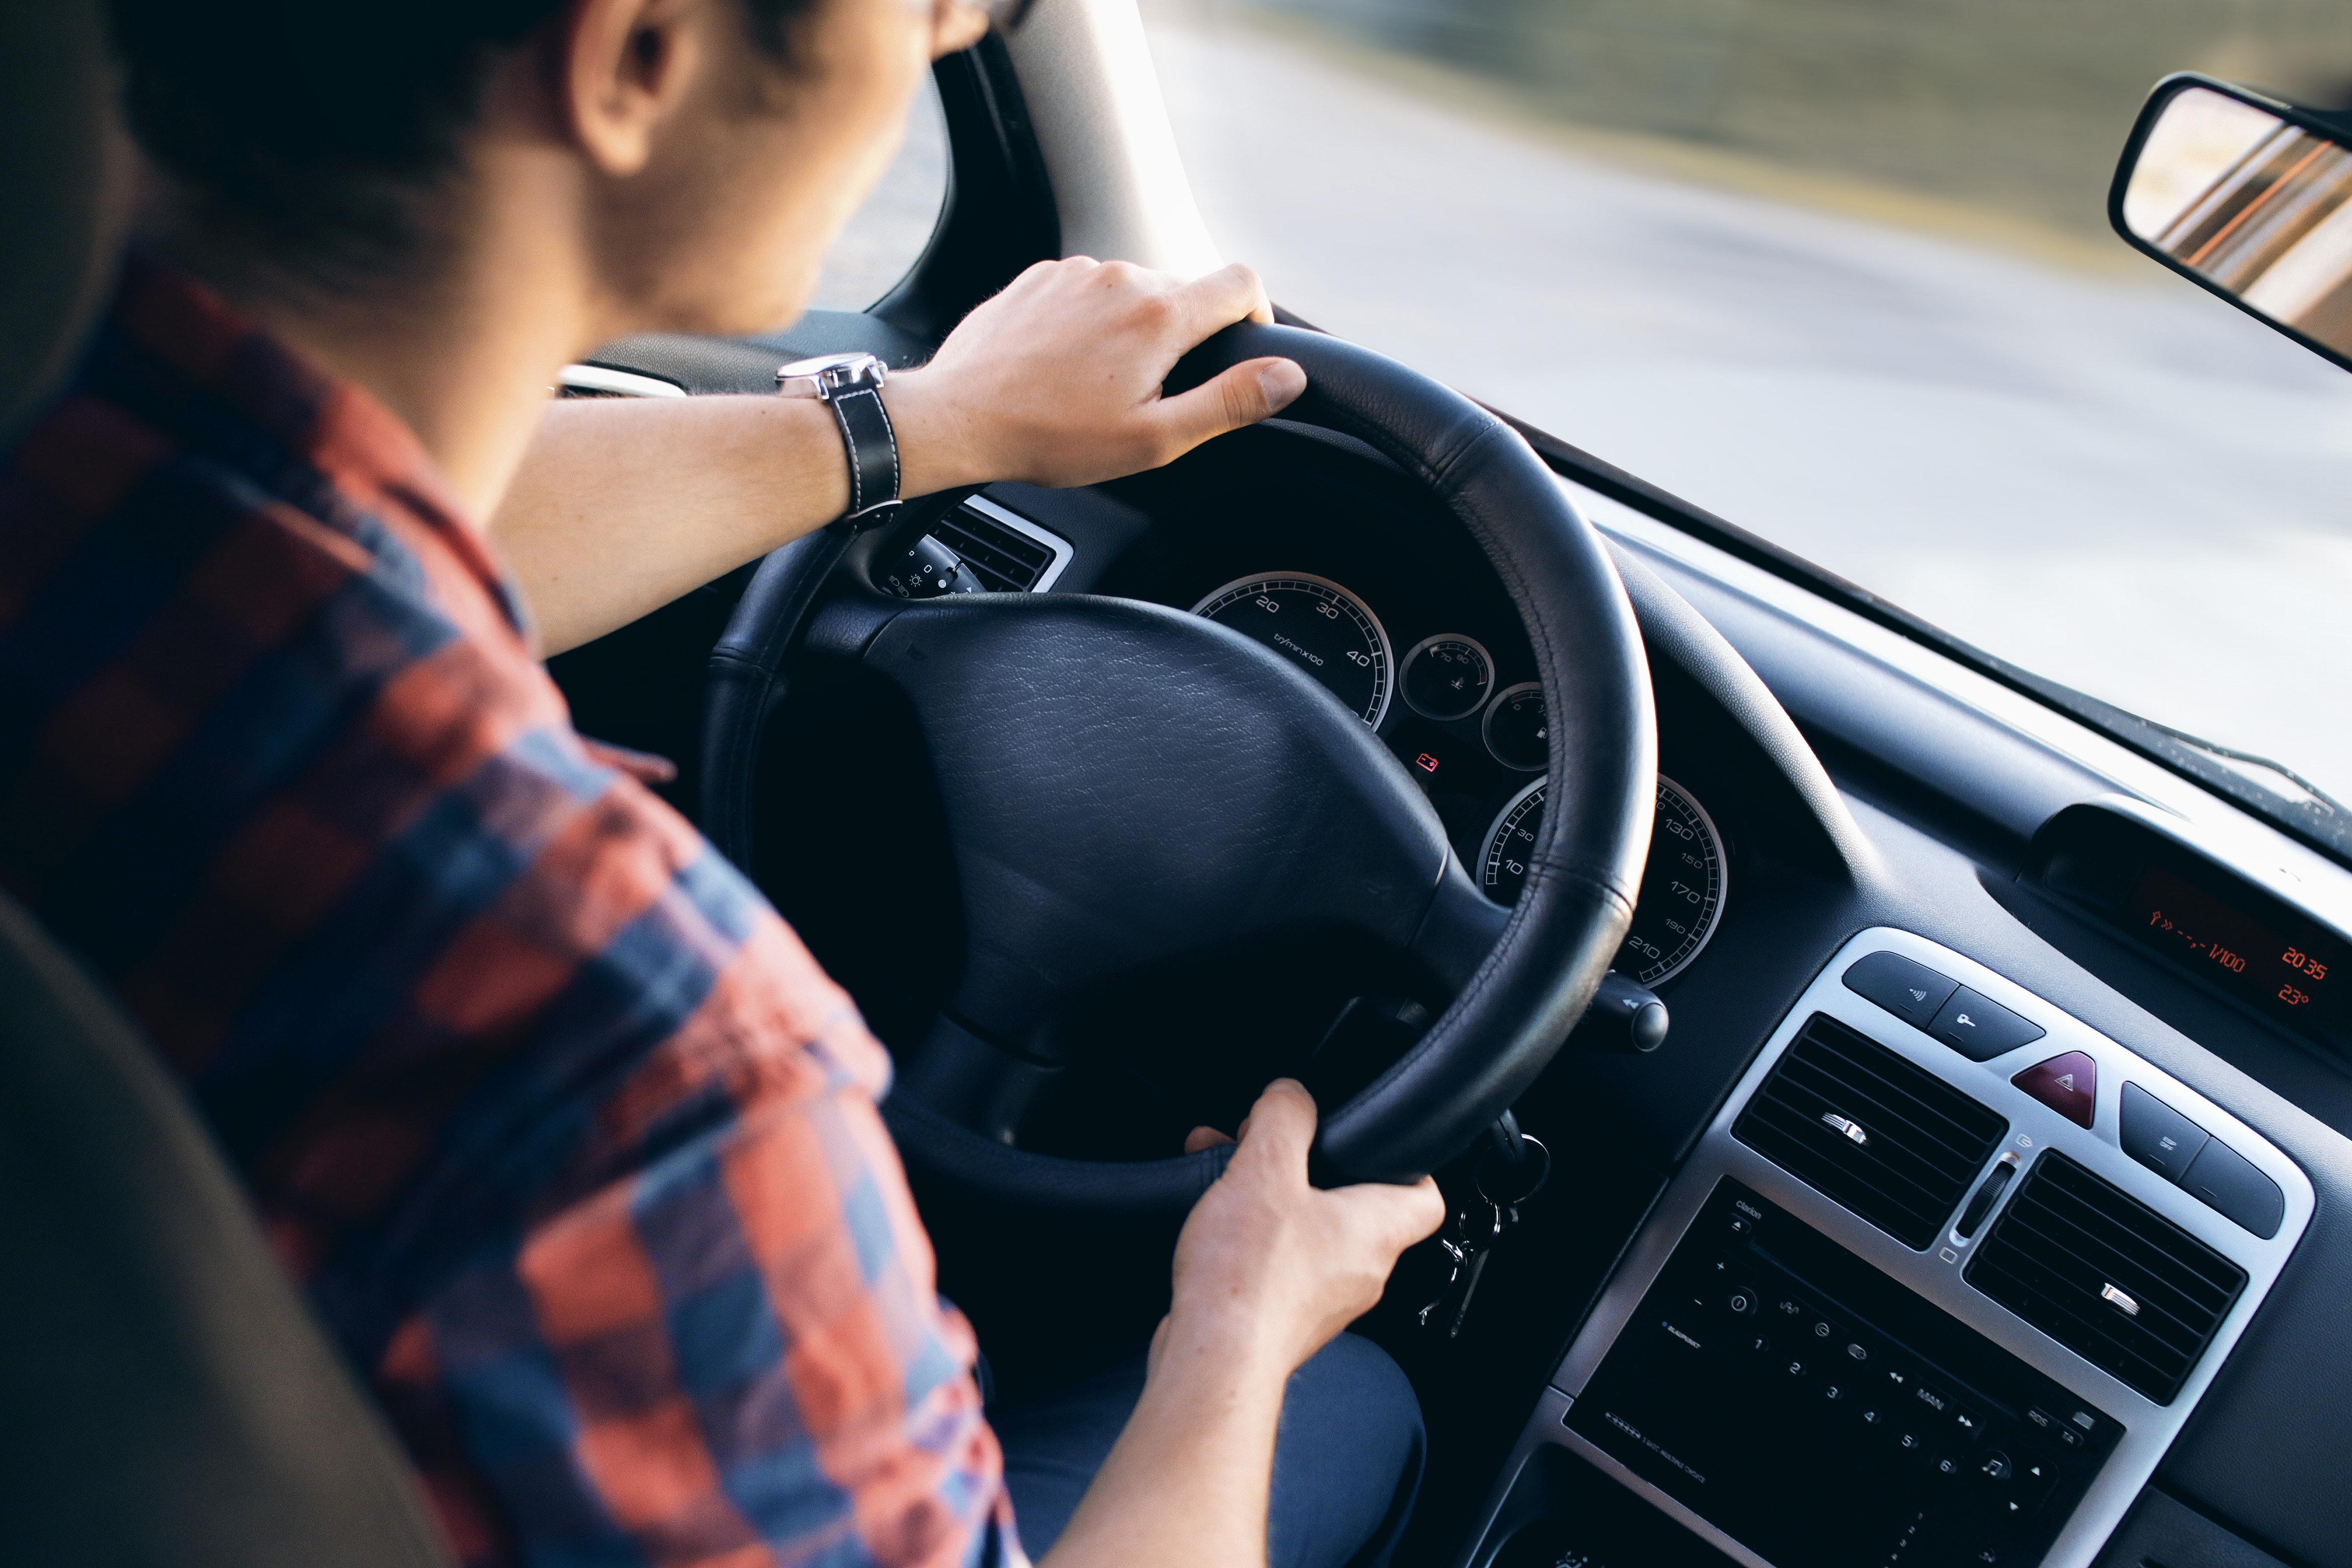 adult-automotive-blur-13861 (1)